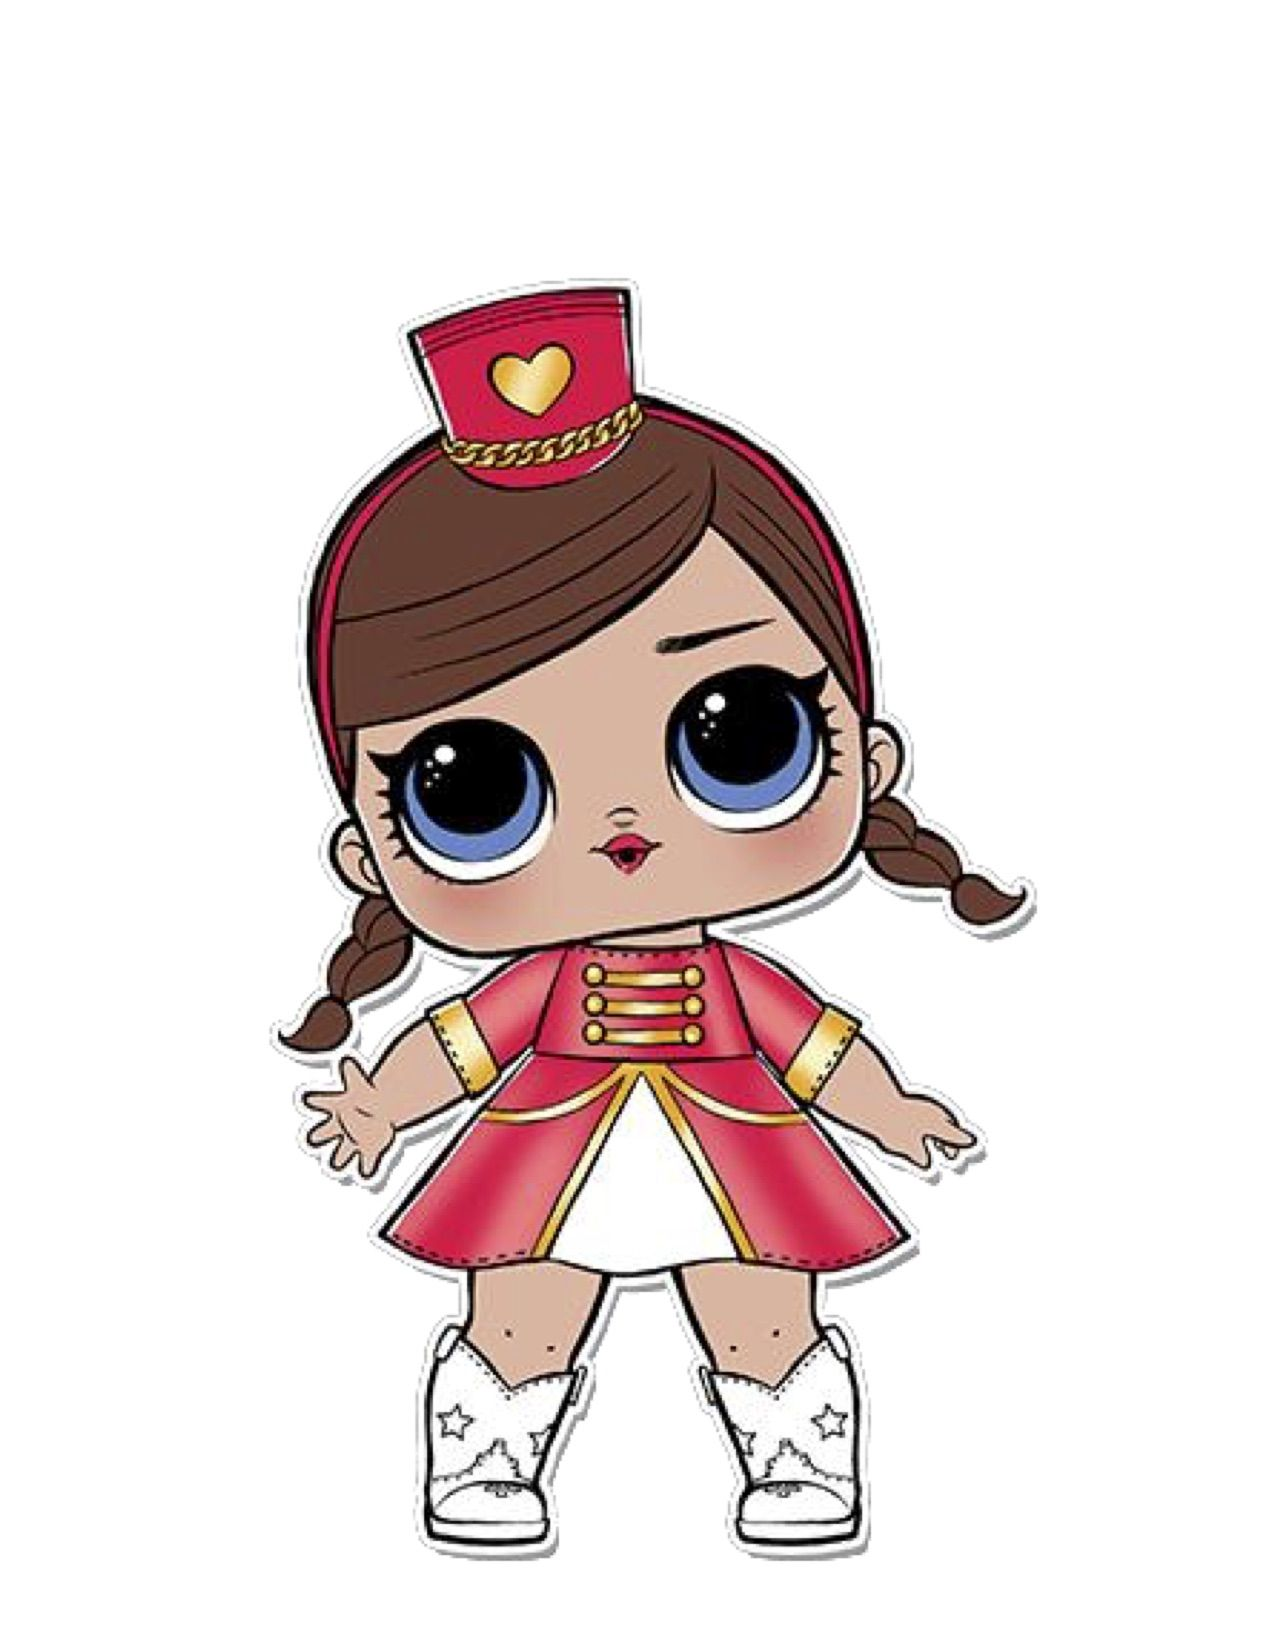 LOL Surprise! Dolls   Majorette     Muñecas lol surprise ...